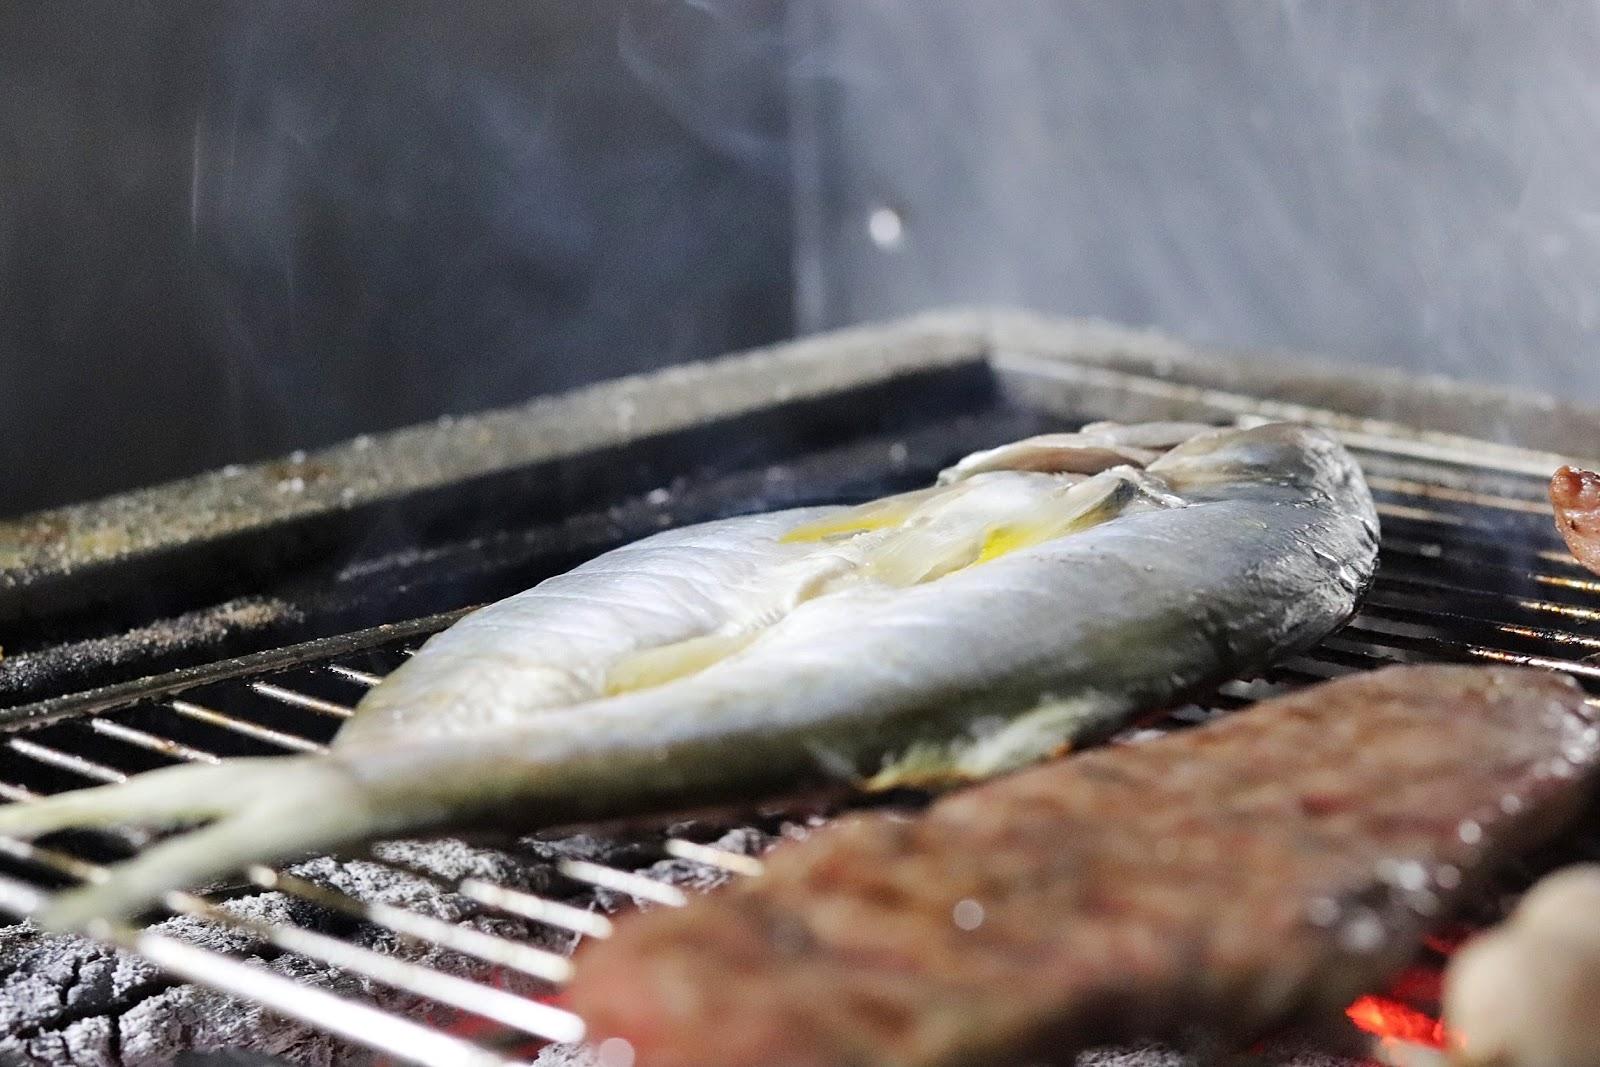 台南東區美食【府城騷烤家】職人炭火燒烤